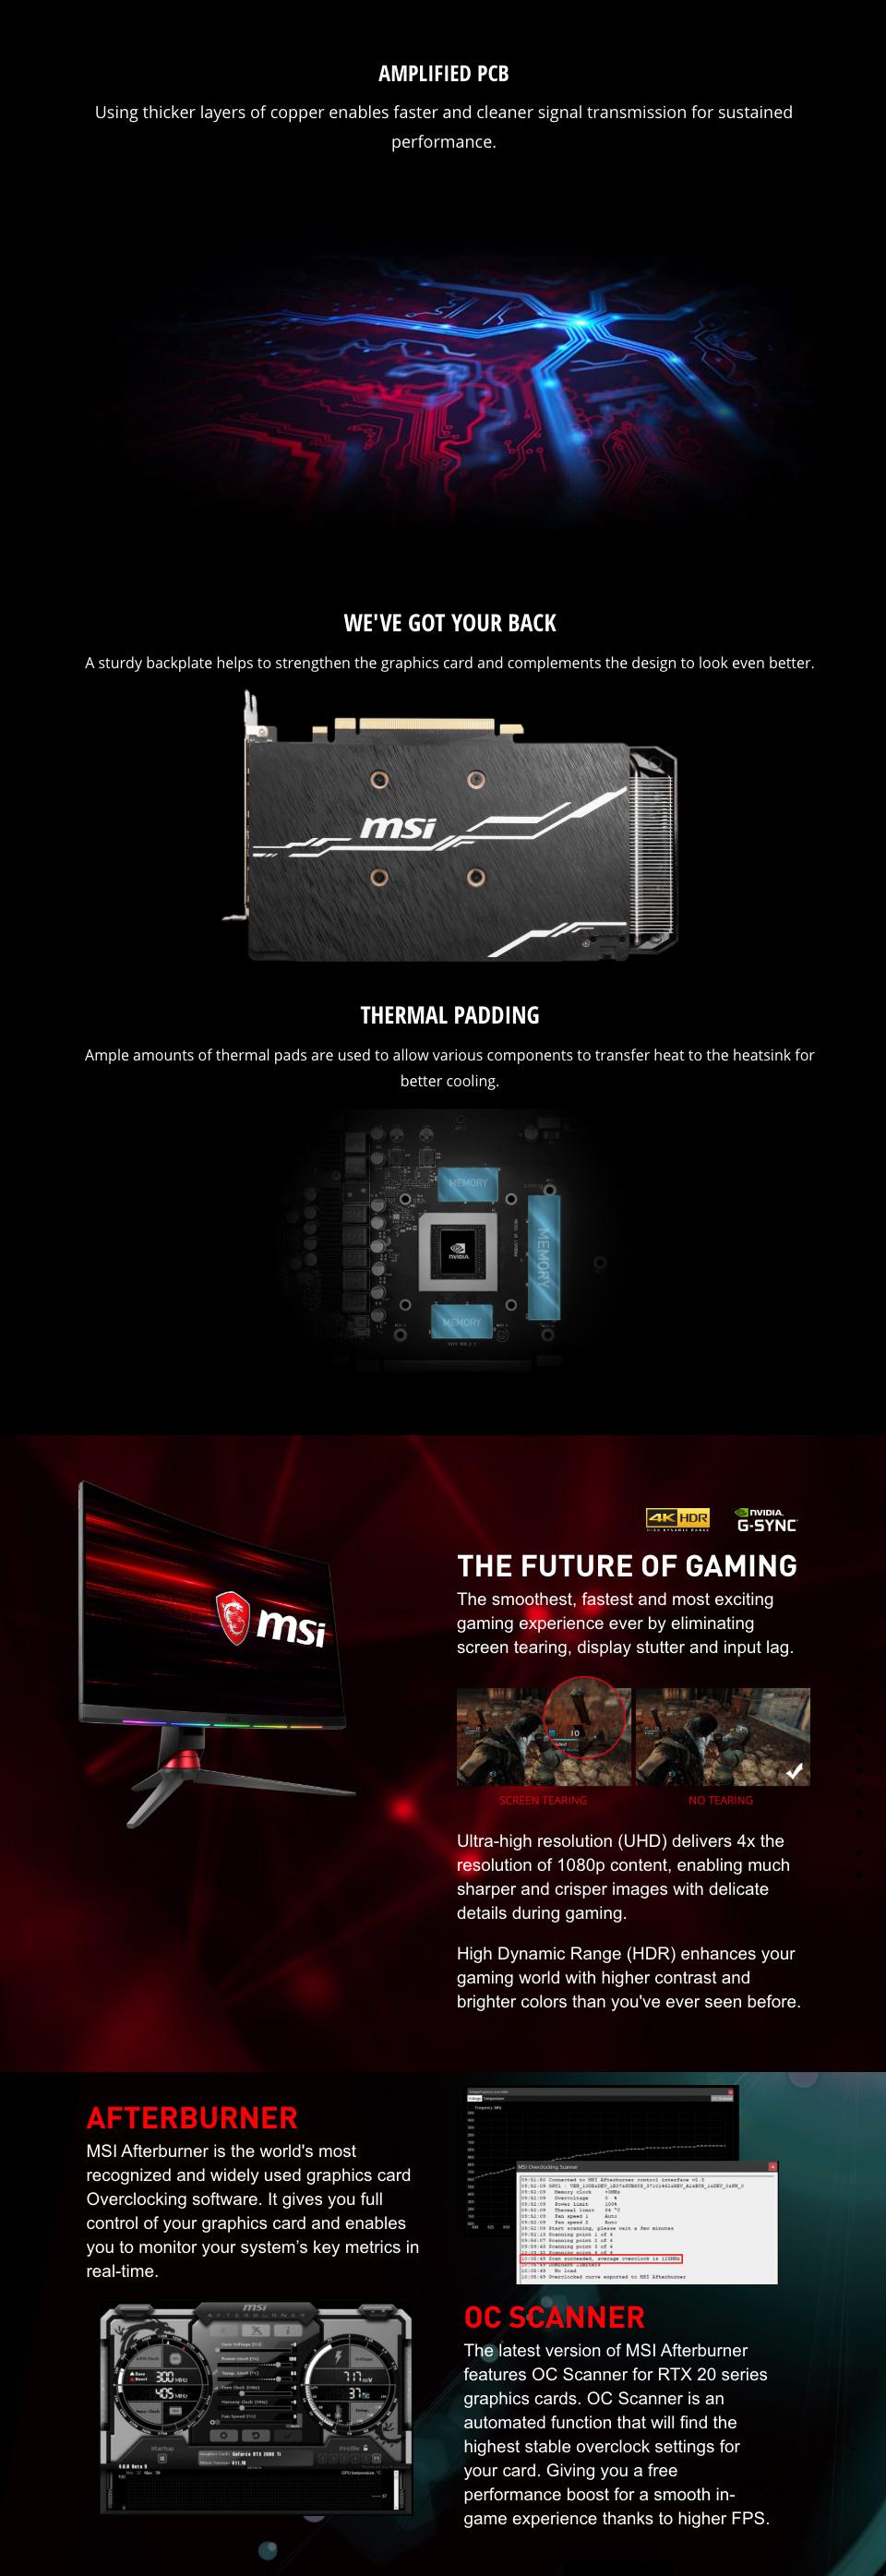 MSI GeForce RTX 2060 Super Ventus GP OC 8GB features 2